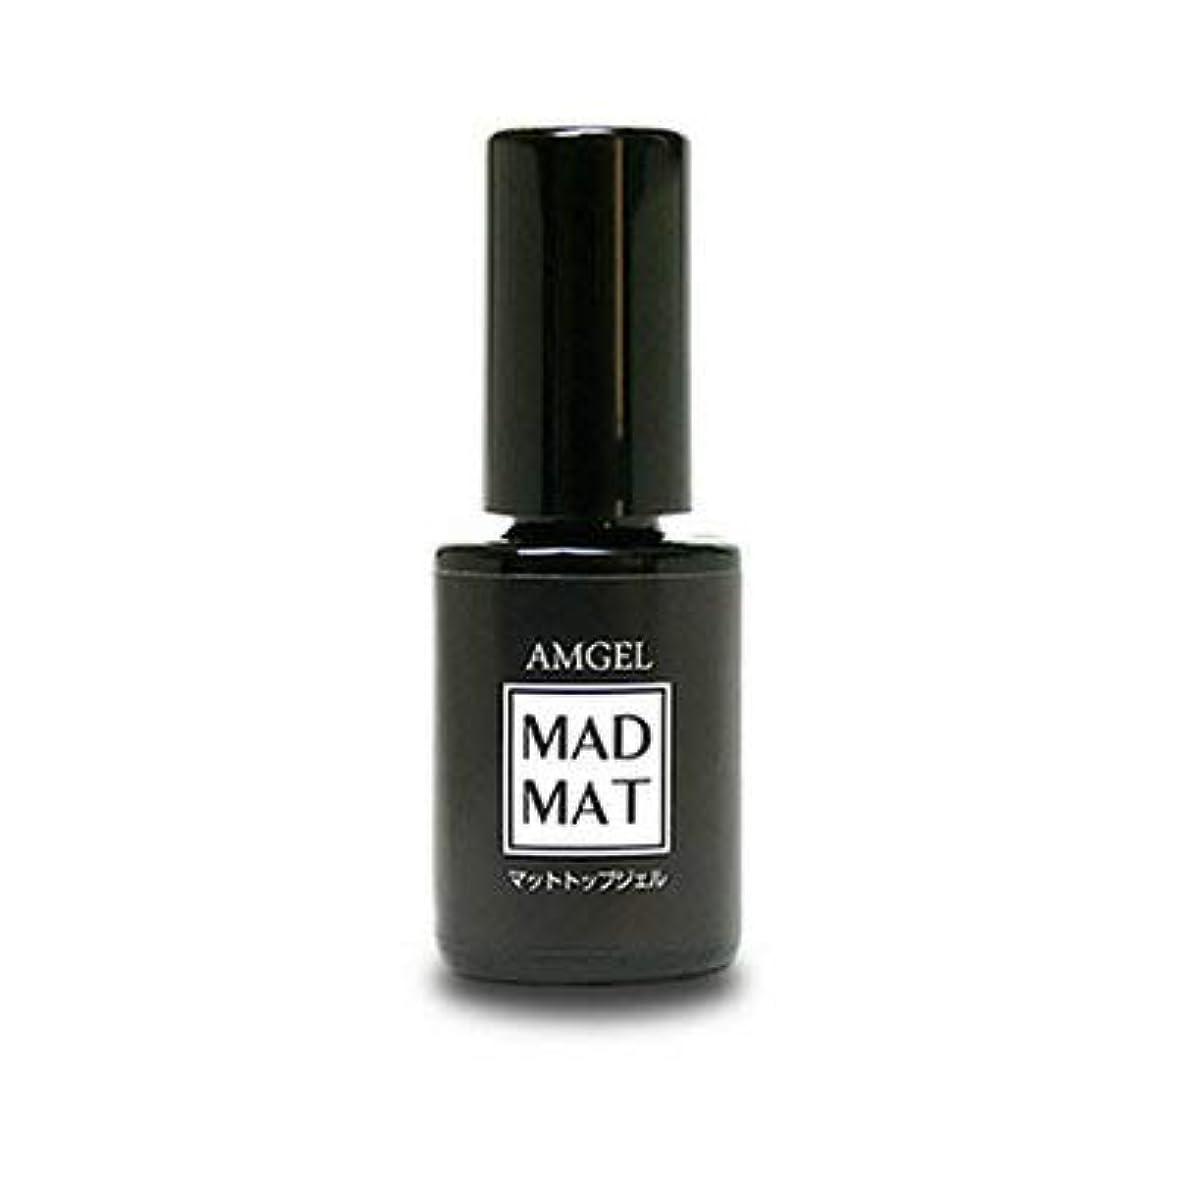 容赦ない優勢理想的アンジェル マットトップジェル MADMAT(マッドマット)AG9011